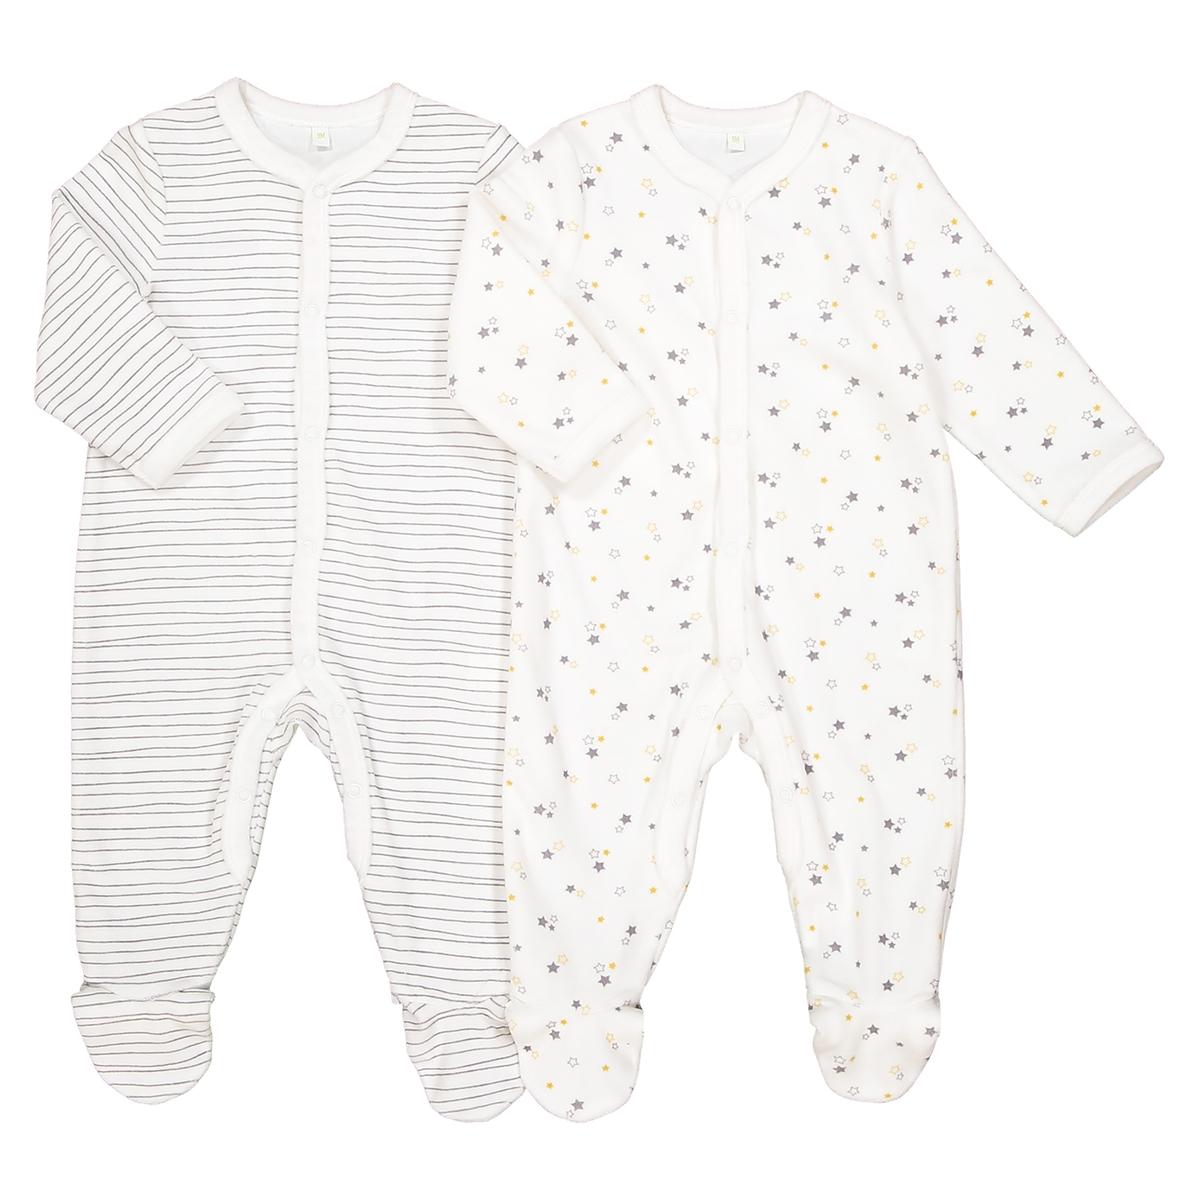 Комплект из 2 пижам: в полоску и с рисунком звезды, 0 мес. - 3 годаОписание:Комплект из 2 пижам с длинными рукавами. Рисунок с полоску и мелкий рисунок звезды на кремовом фоне. Полный комфорт для ребенка !Детали •  Комплект из 2 пижам с длинными рукавами и брючинами. •  1 пижама в полоску белого и серого цветов.    •  1 пижама с рисунком звезды.  •  Носки с противоскользящими элементами для размеров от 12 месяцев  (74 см). •  Застежка на кнопки спереди. •  Круглый вырез.Состав и уход •  Материал : 75% хлопка, 25% полиэстера. •  Стирать при температуре 30° в деликатном режиме с вещами схожих цветов. •  Стирать и гладить с изнанки при низкой температуре. •  Машинная сушка запрещена.<br><br>Цвет: серый в полоску + рисунок<br>Размер: 18 мес. - 81 см.6 мес. - 67 см.1 год - 74 см.3 мес. - 60 см.9 мес. - 71 см.1 мес. - 54 см